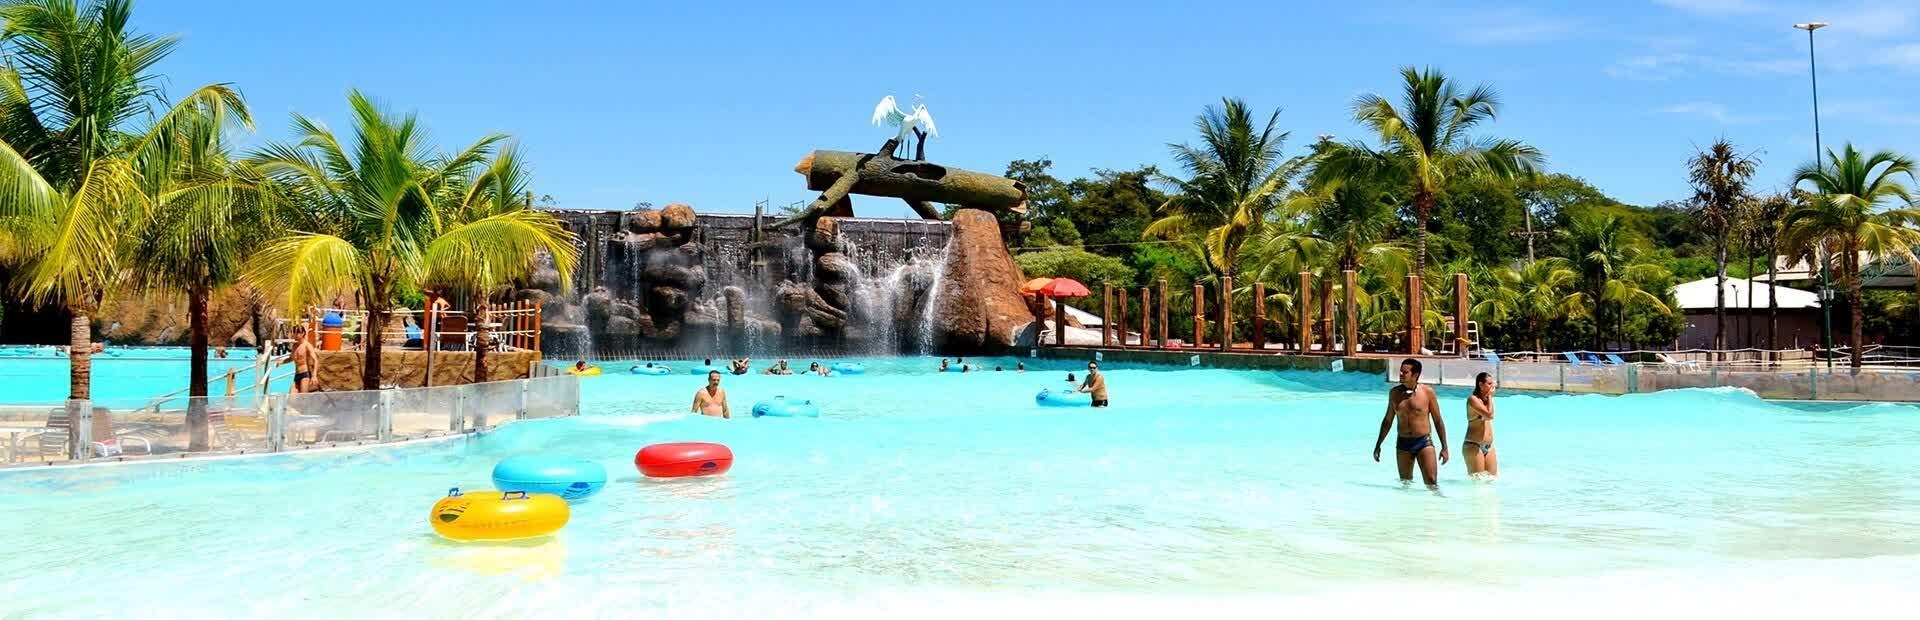 Imagem representativa: Parque Aquático Thermas dos Laranjais de Olímpia SP   Comprar Ingressos